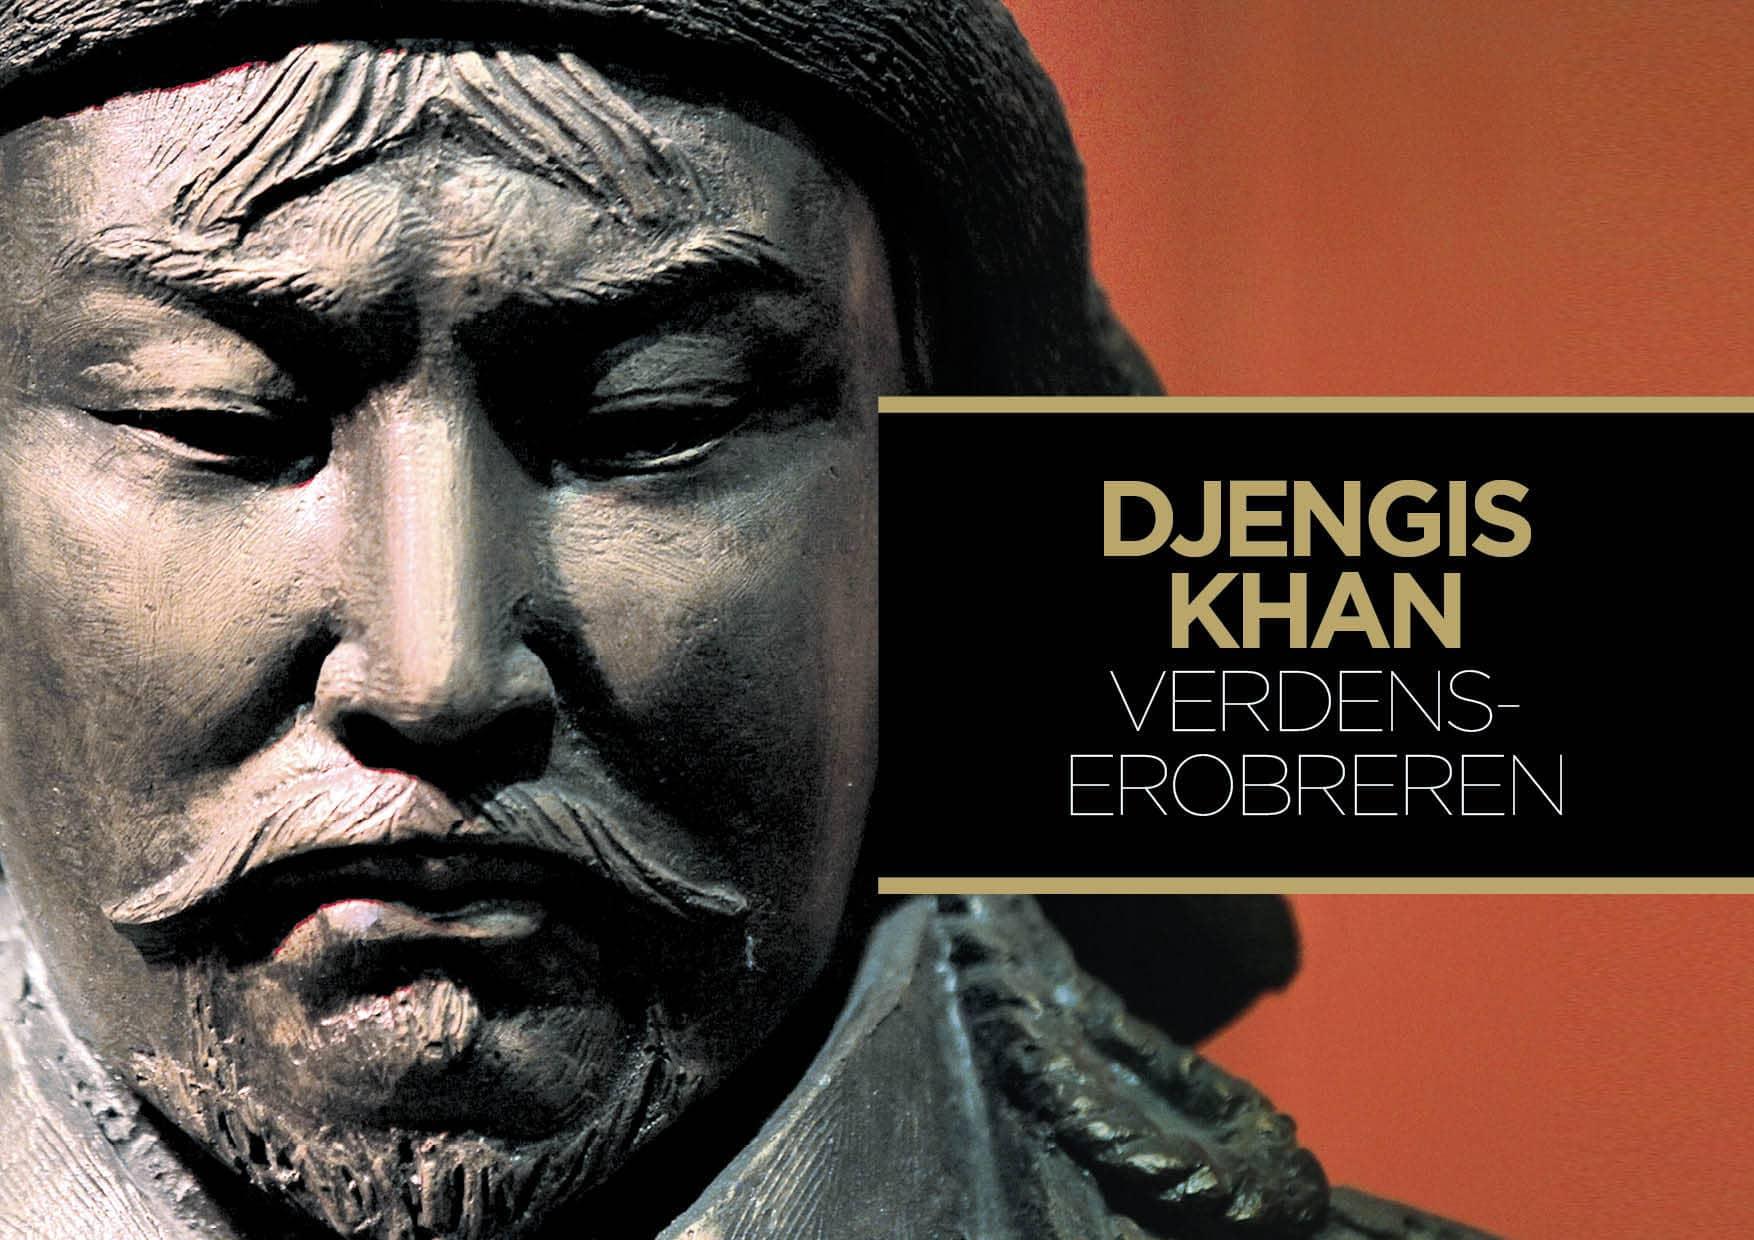 Djengis Khan –Verdenserobreren